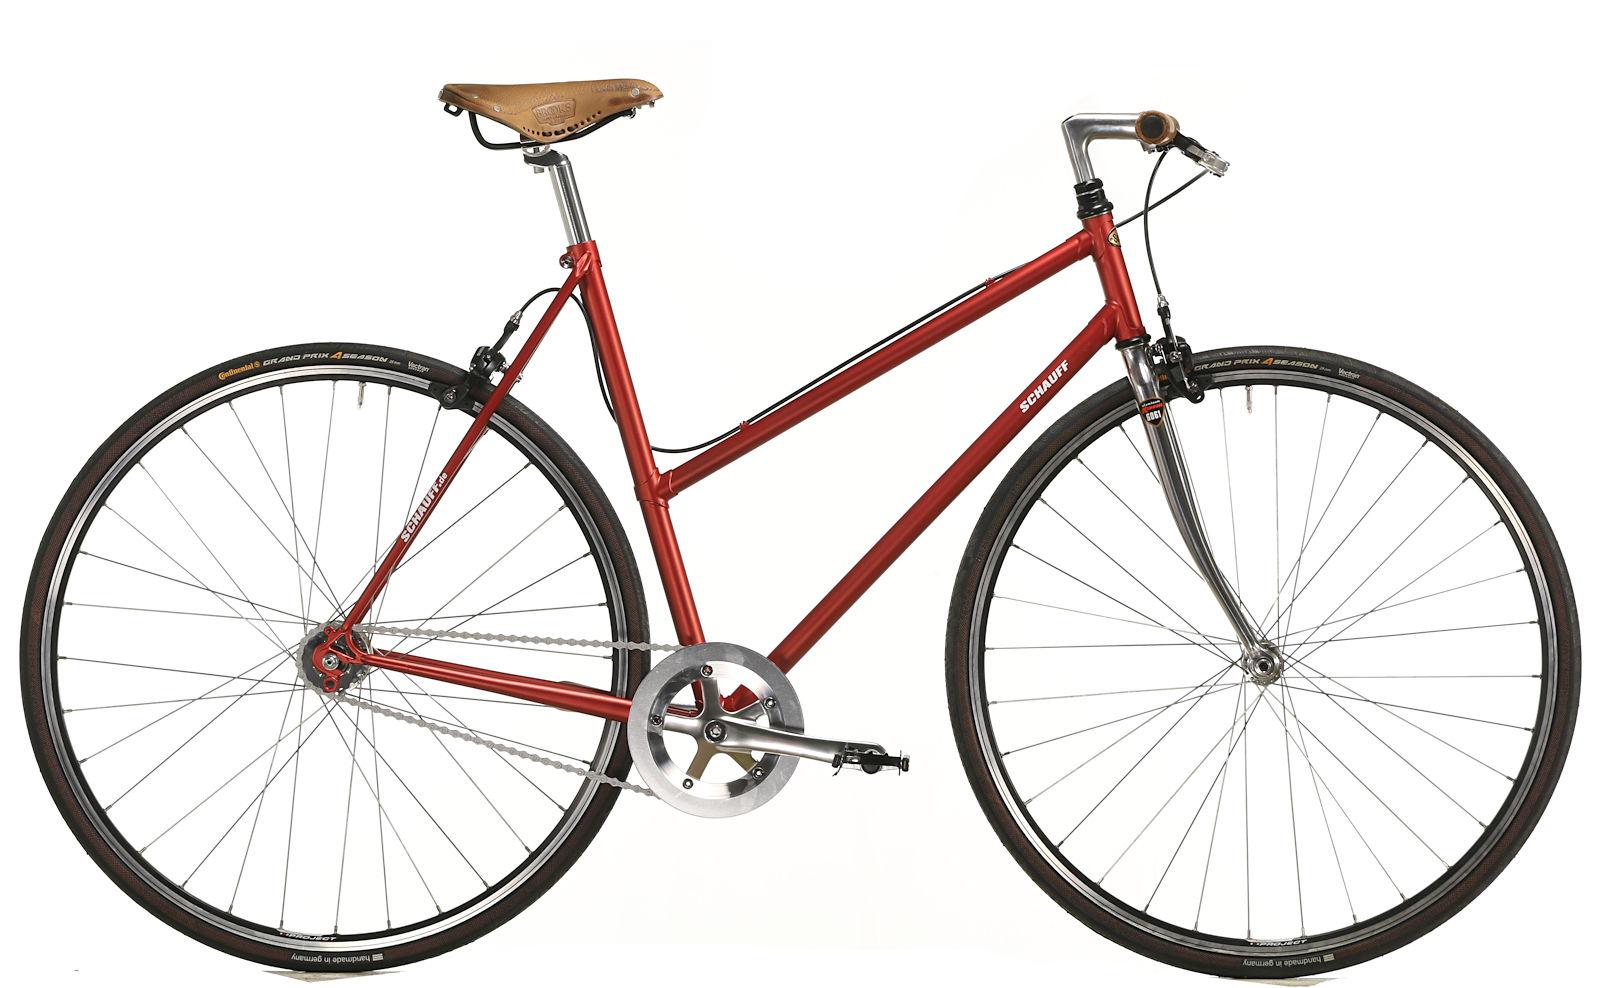 Fahrräder von Schauff   Fahrräder - Fitness - Rennrad